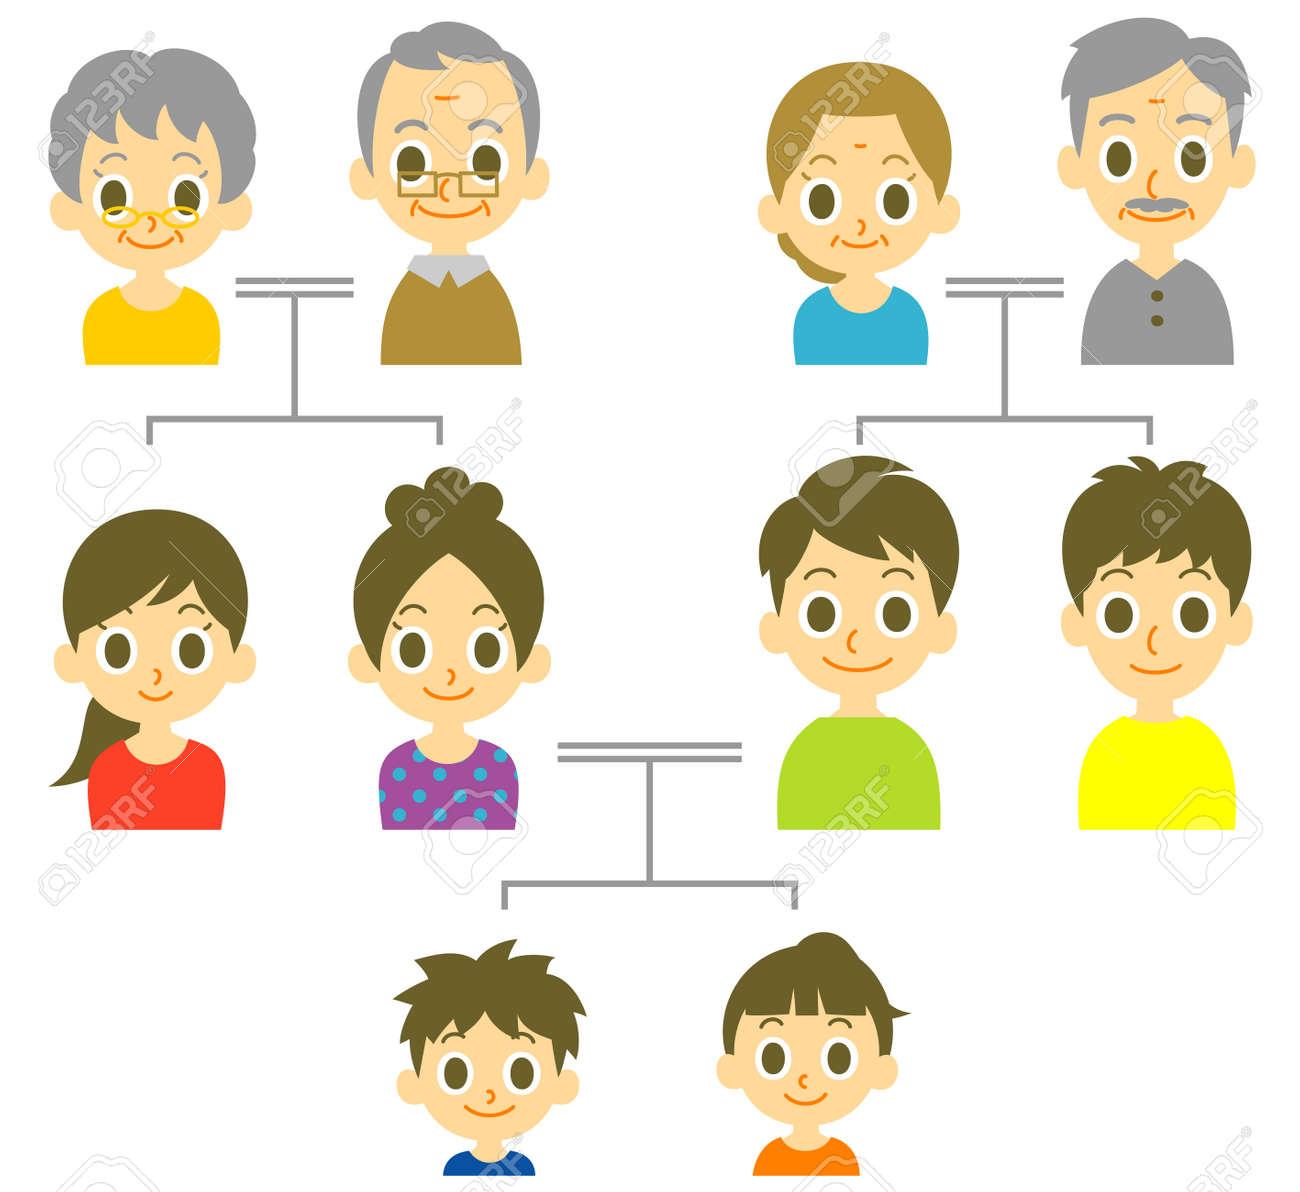 家系図のイラスト素材ベクタ Image 44845230